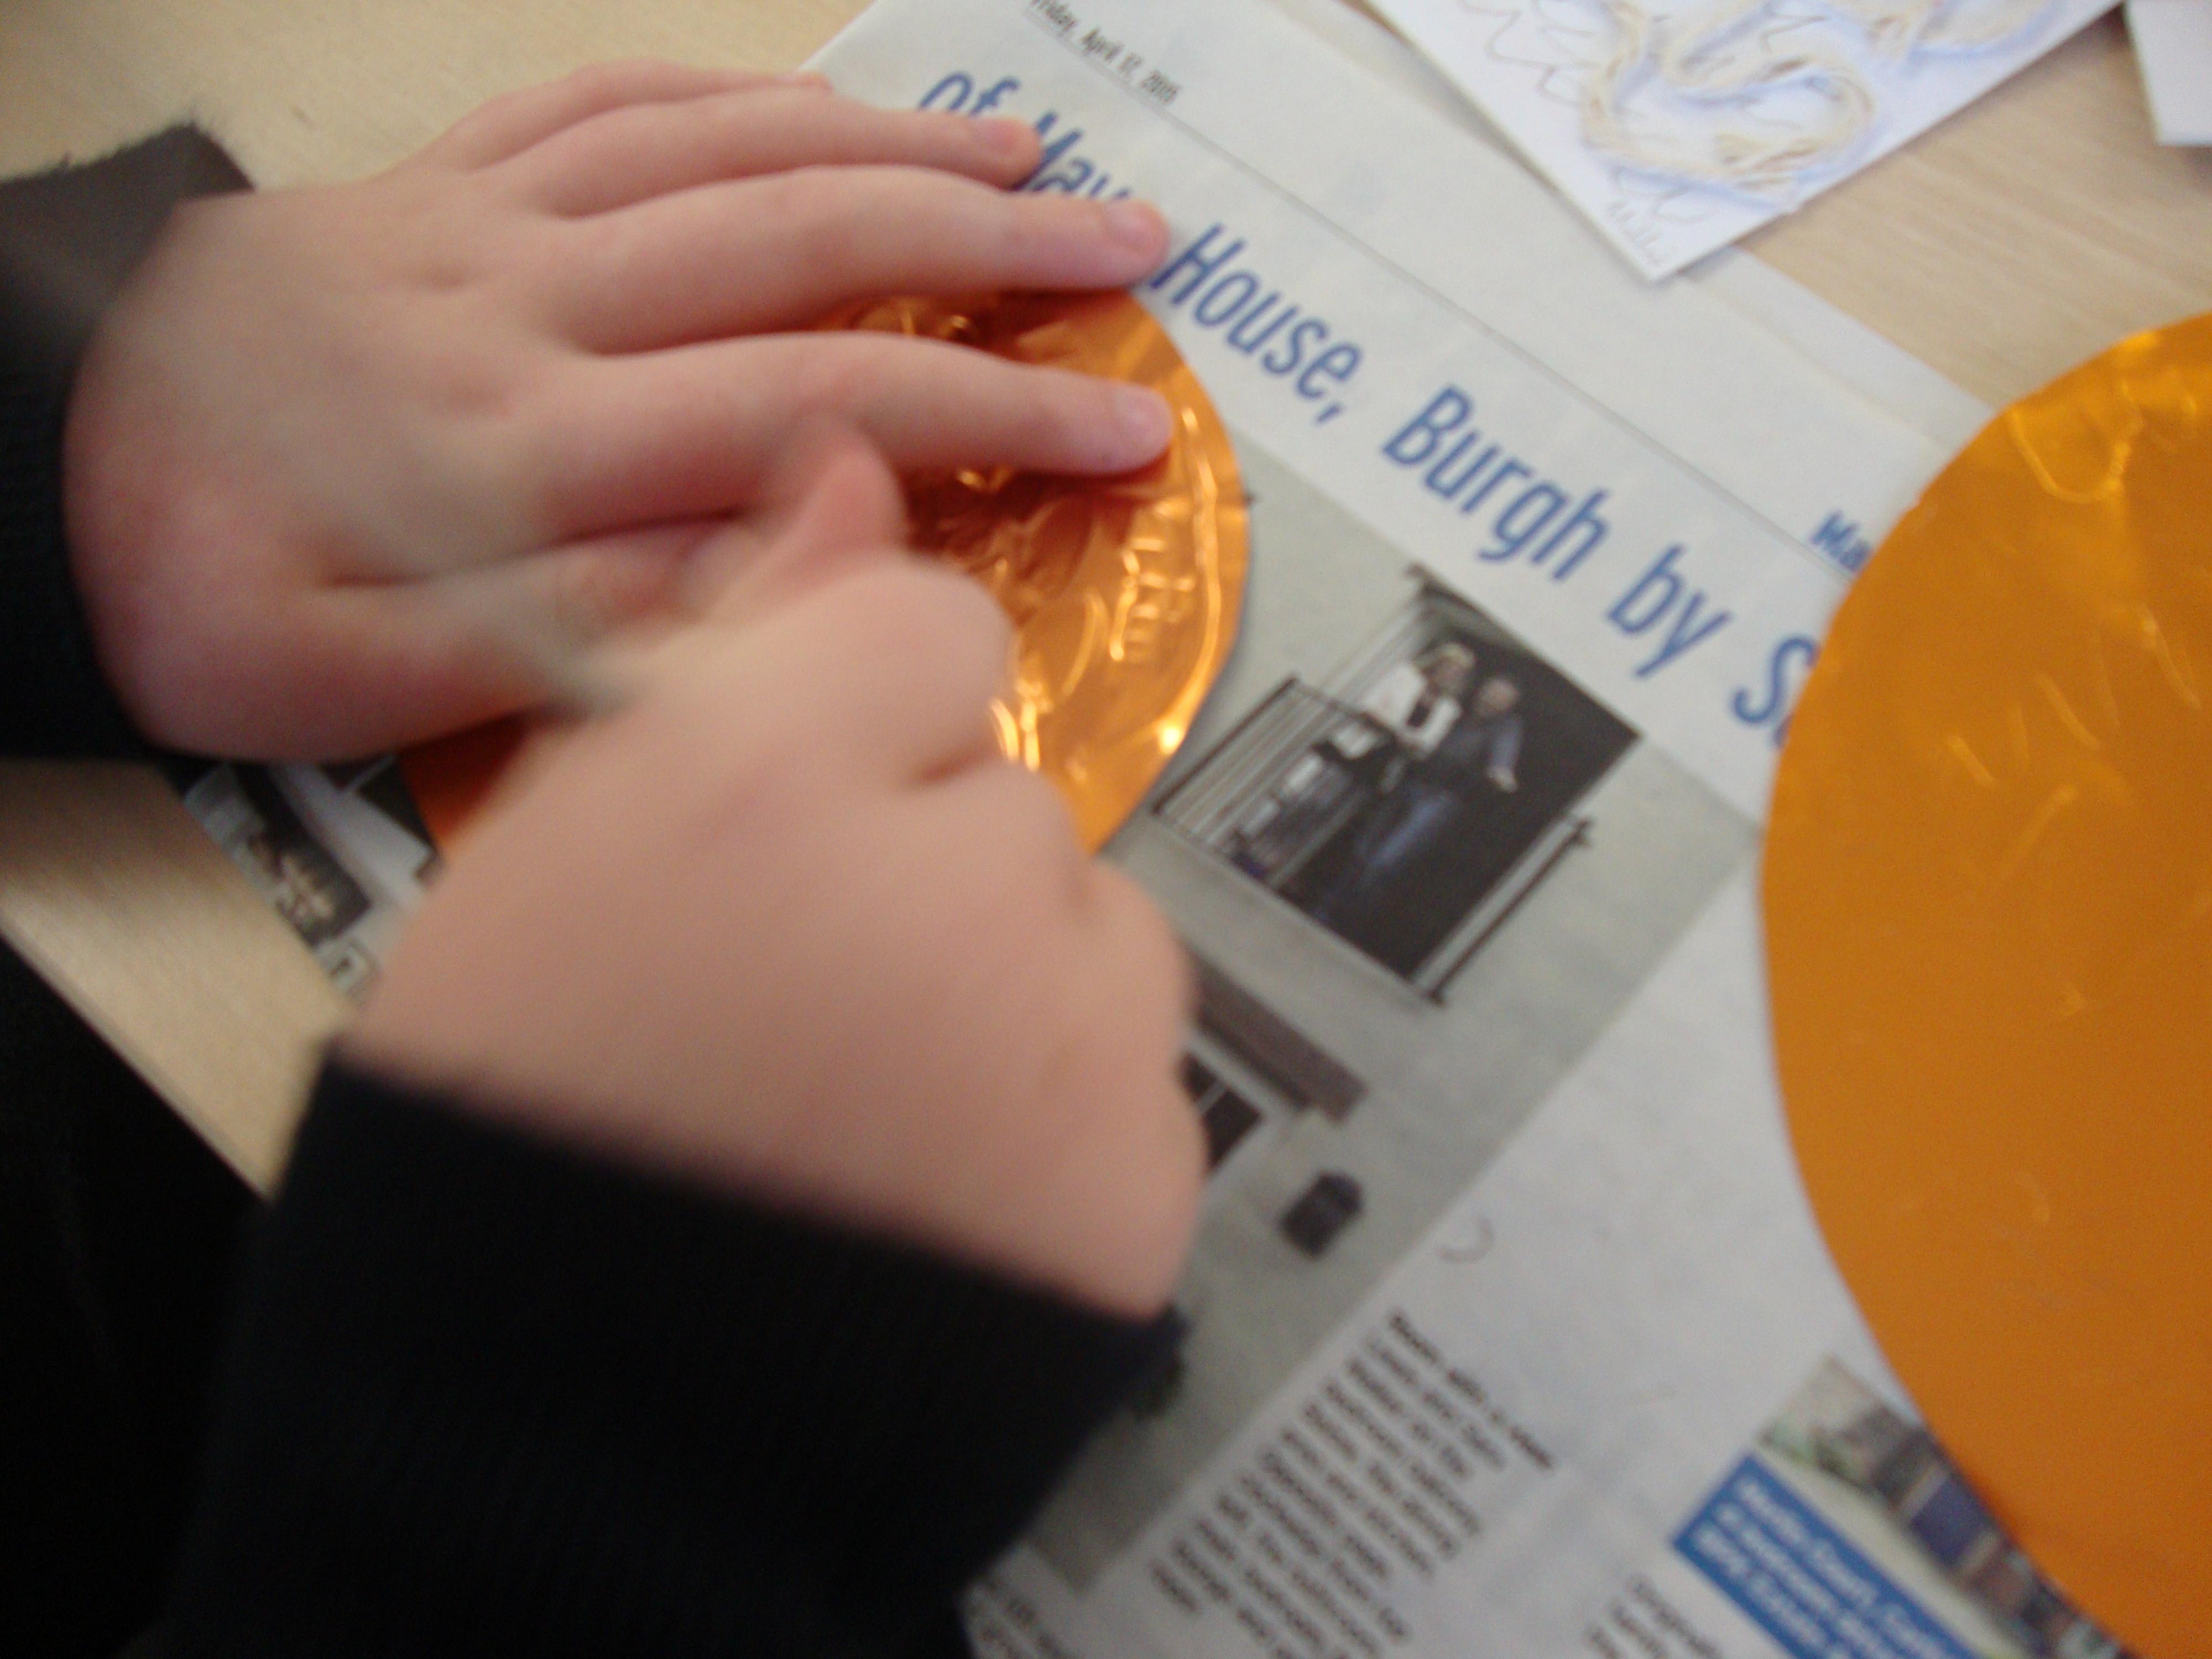 Embossing foil discs